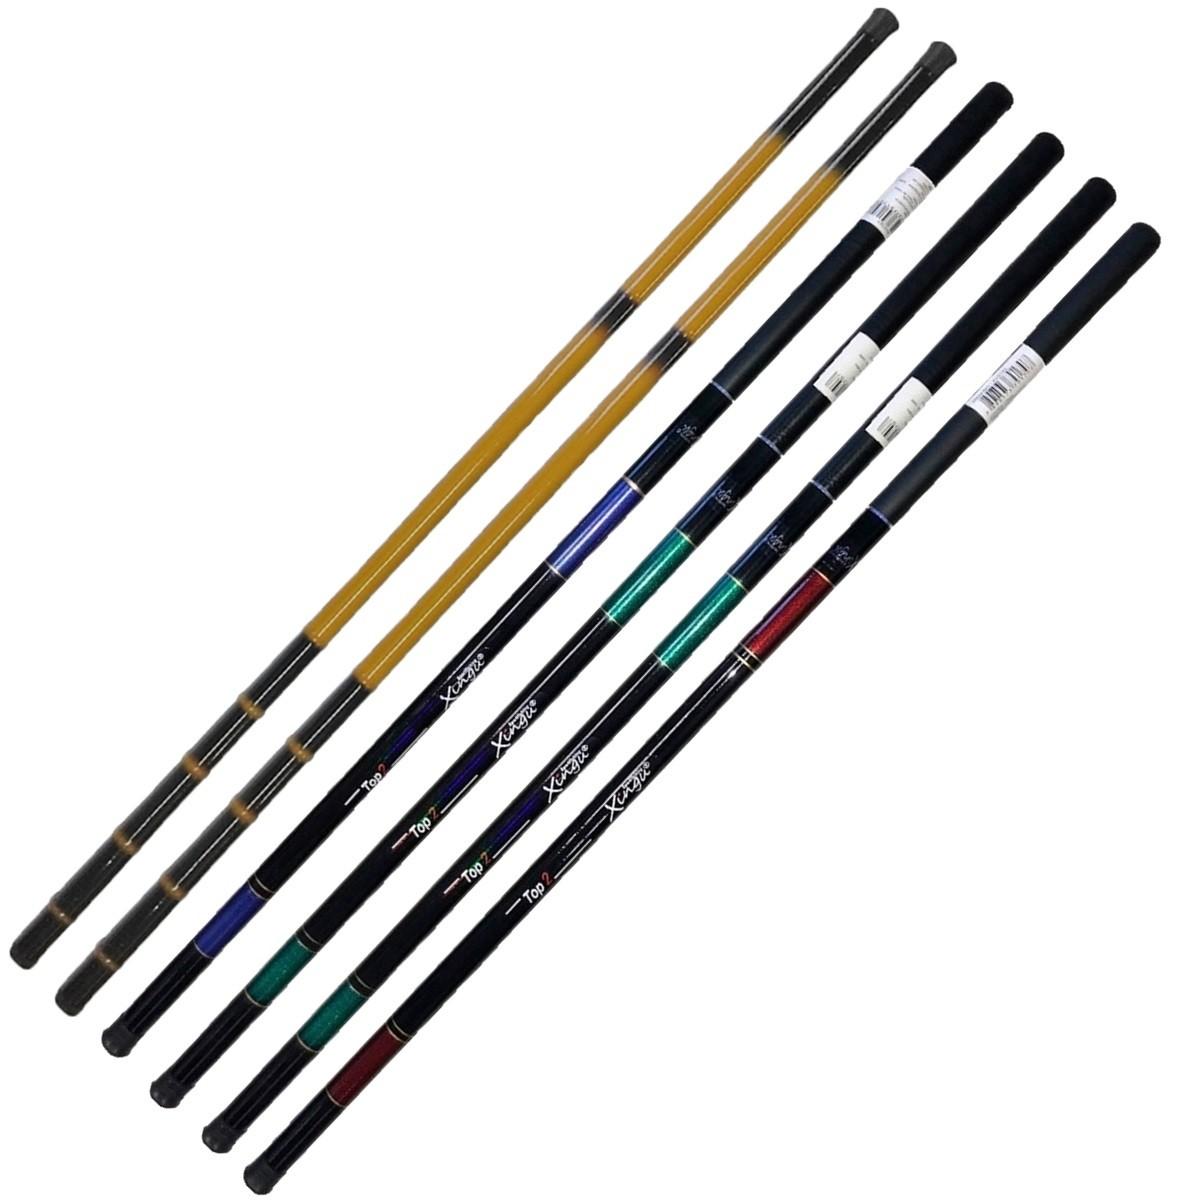 Kit 6 Varas Telescópicas 3 Tamanho Diferente +capa Enrolador